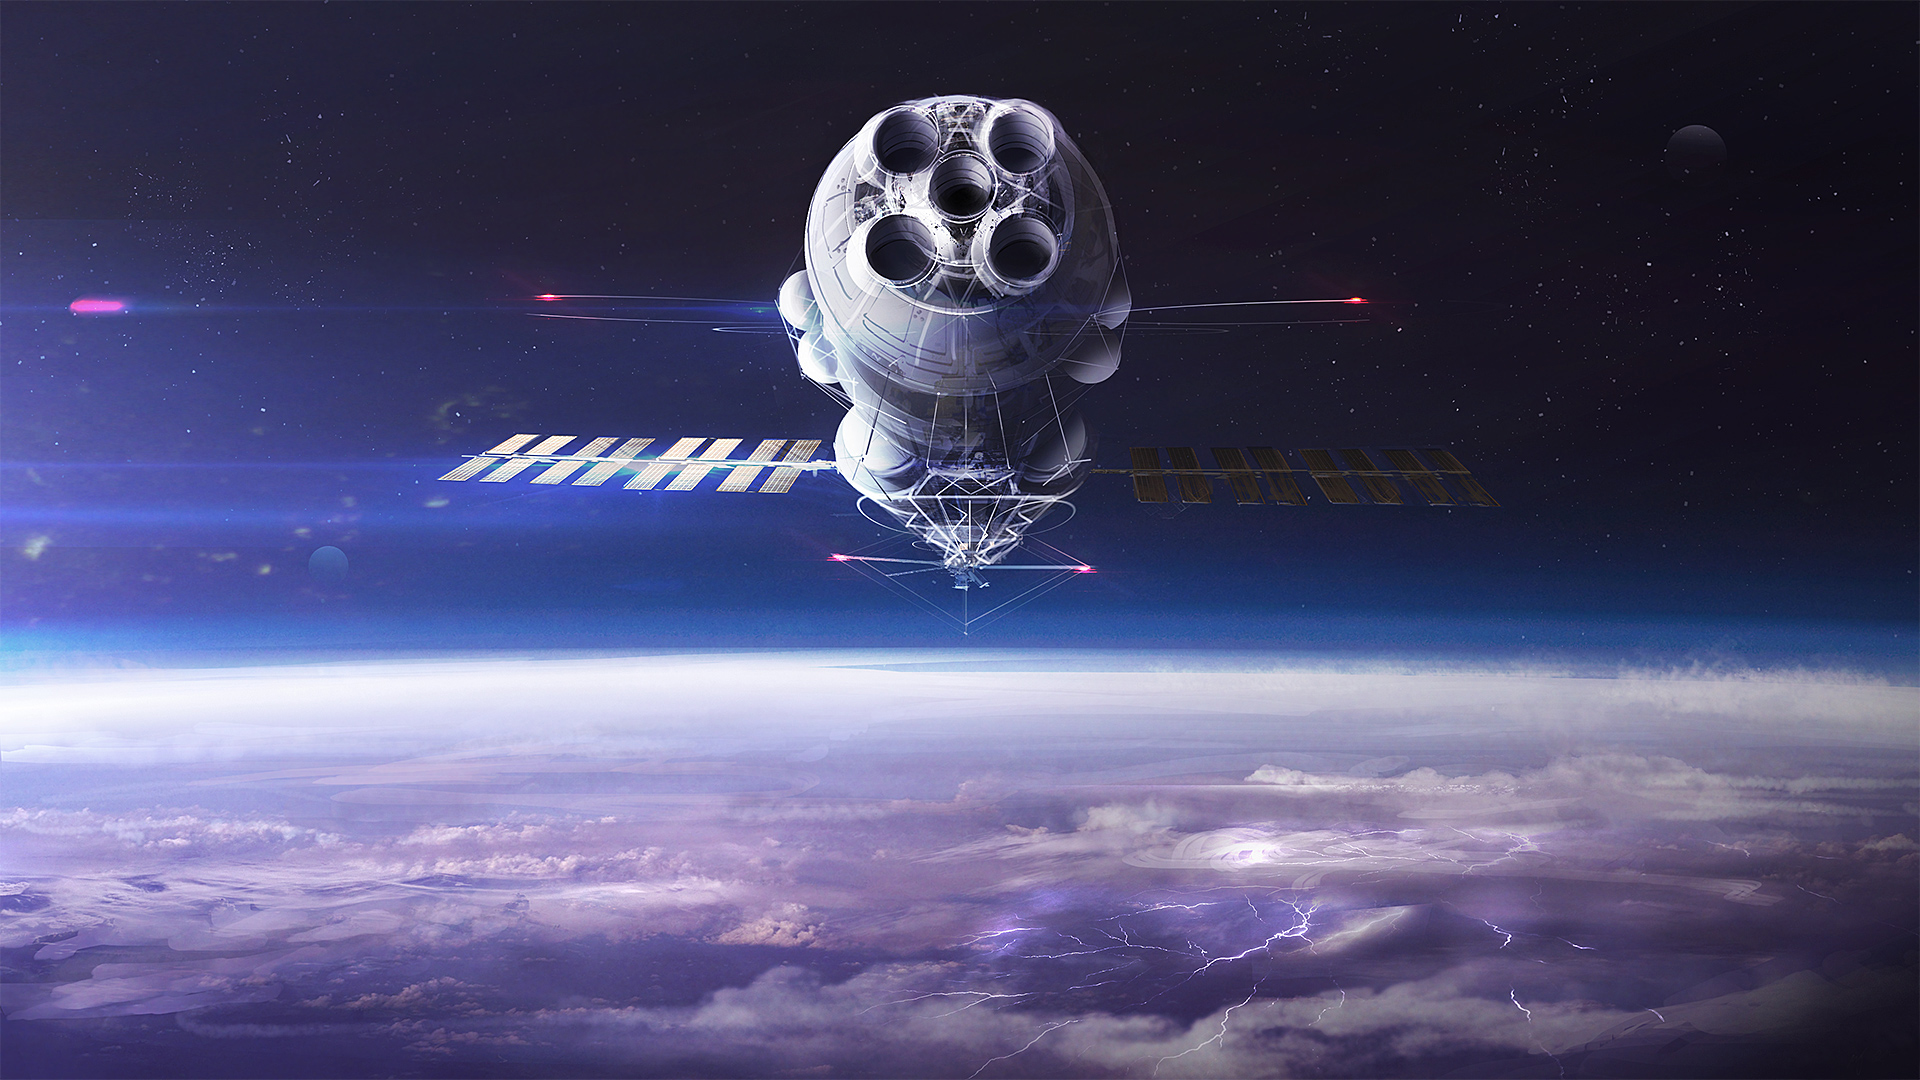 Командный космический корабль обои скачать